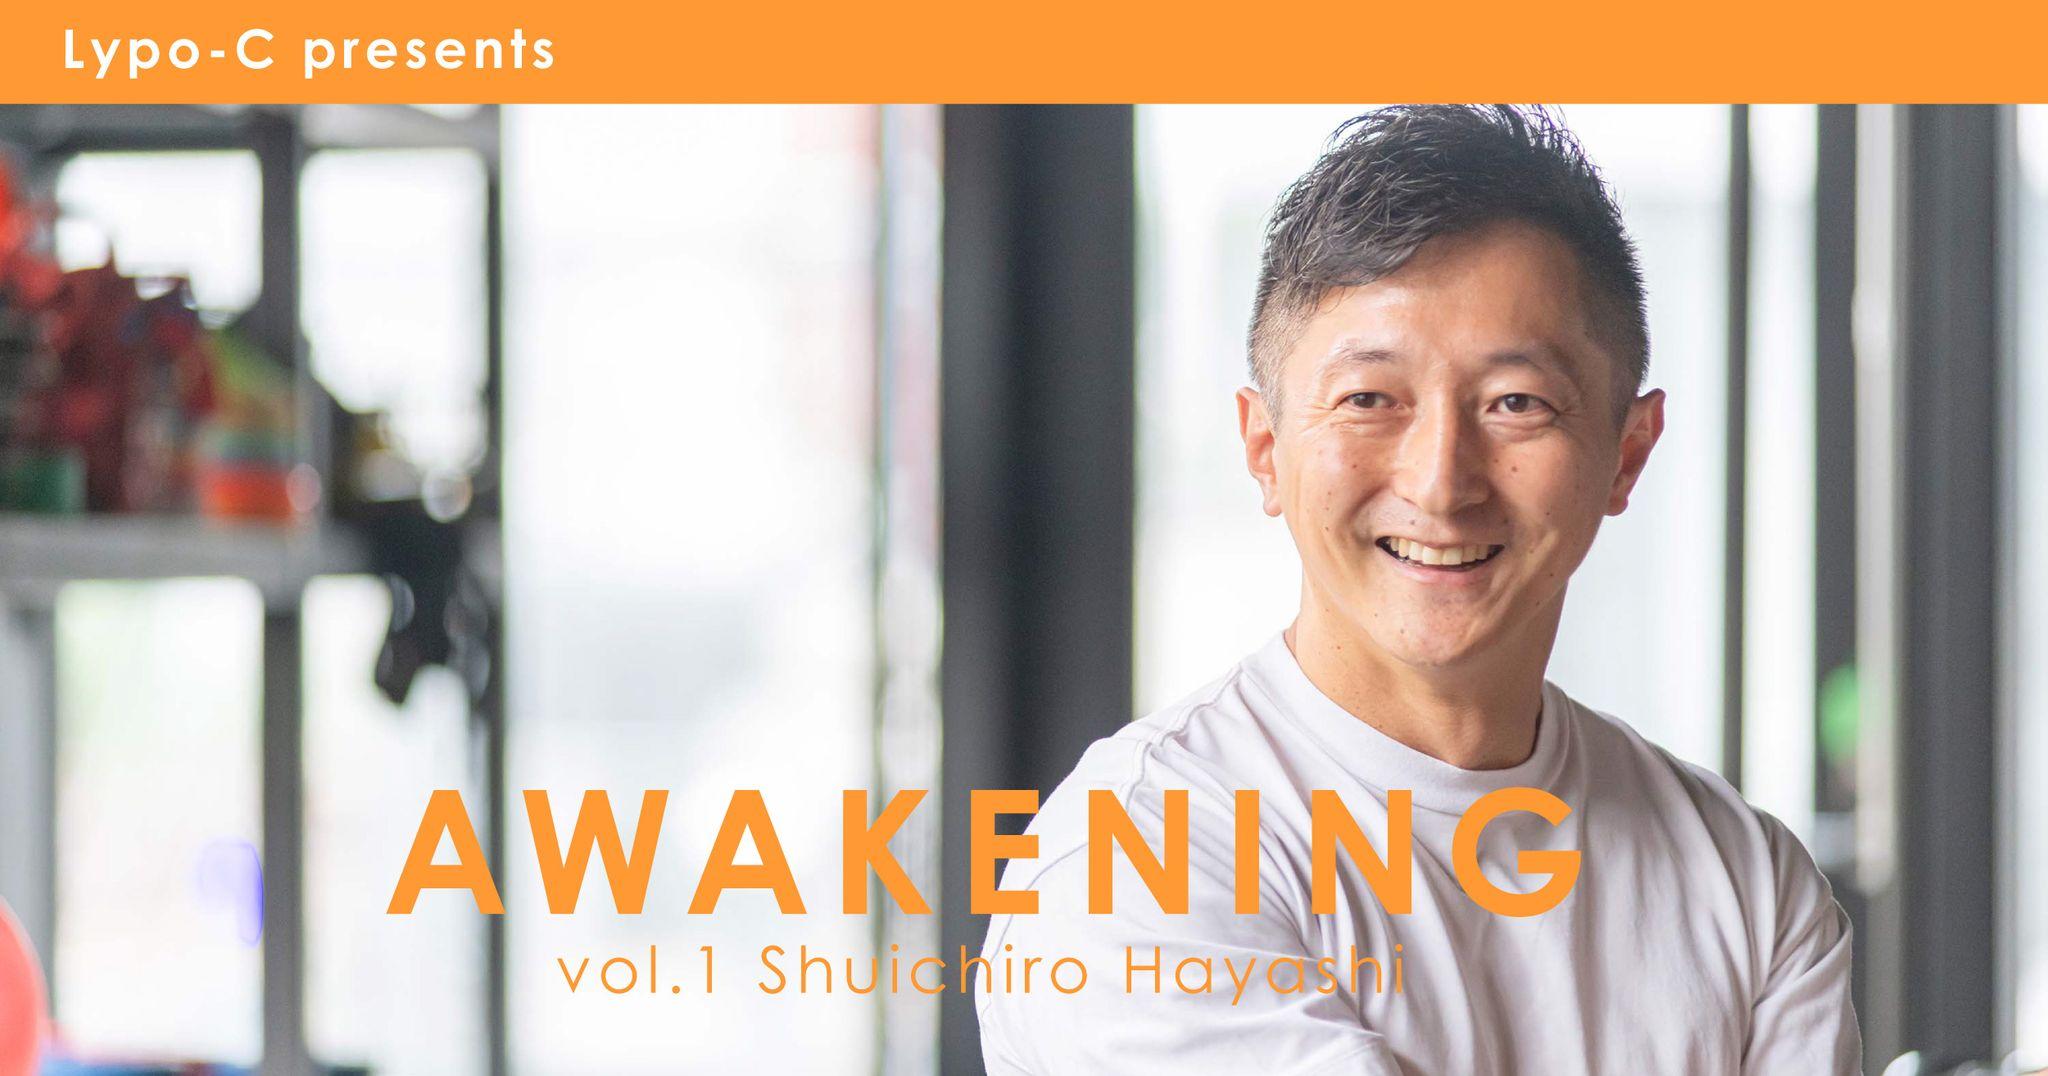 AWAKENING vol.1 | 現代人にもっと動きを。日常は「動作」で変わる